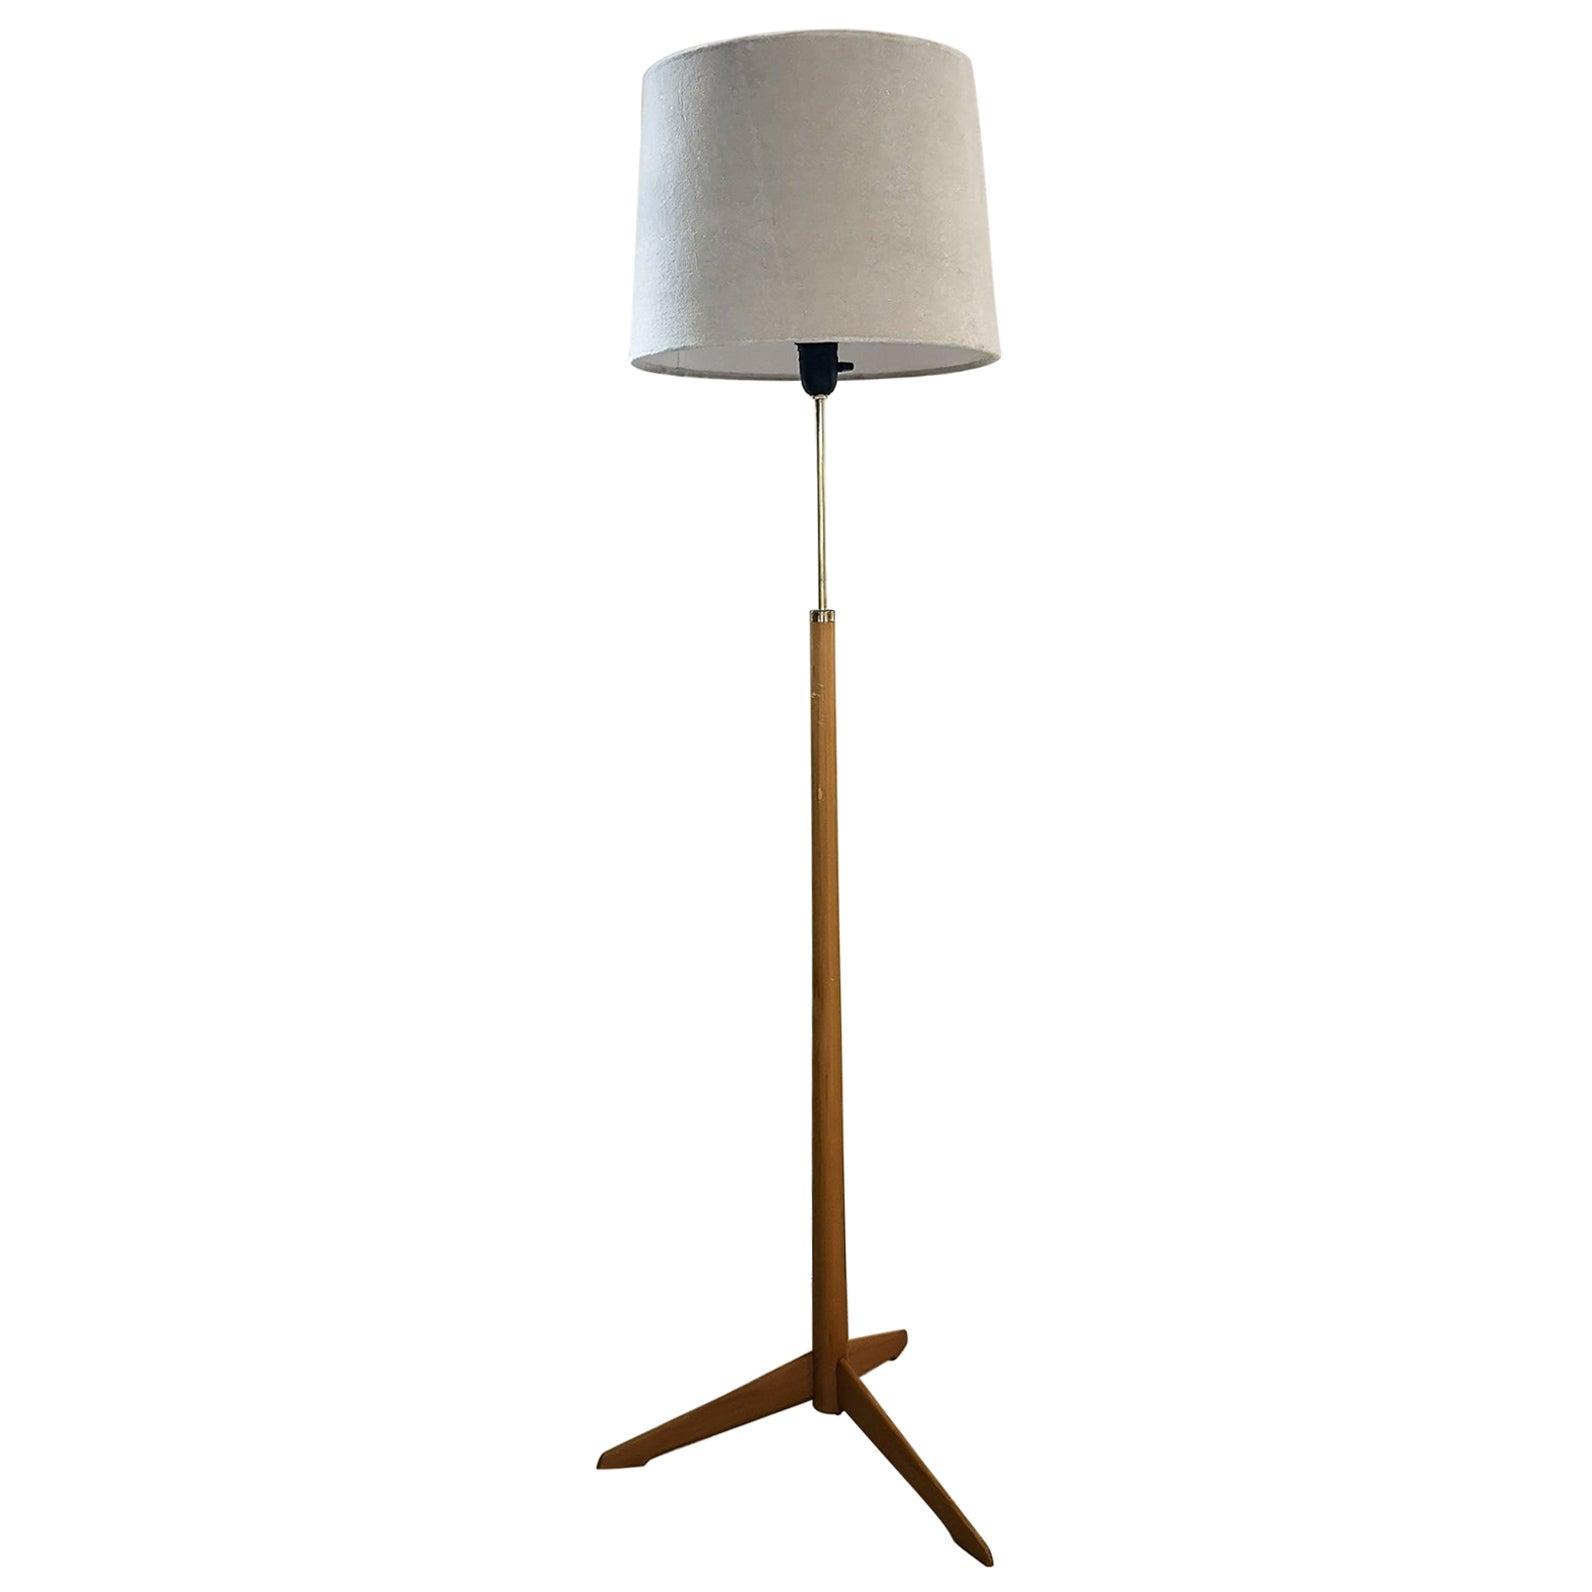 Midcentury Floor Lamp, Model G-34, Bergboms, Sweden, 1960s